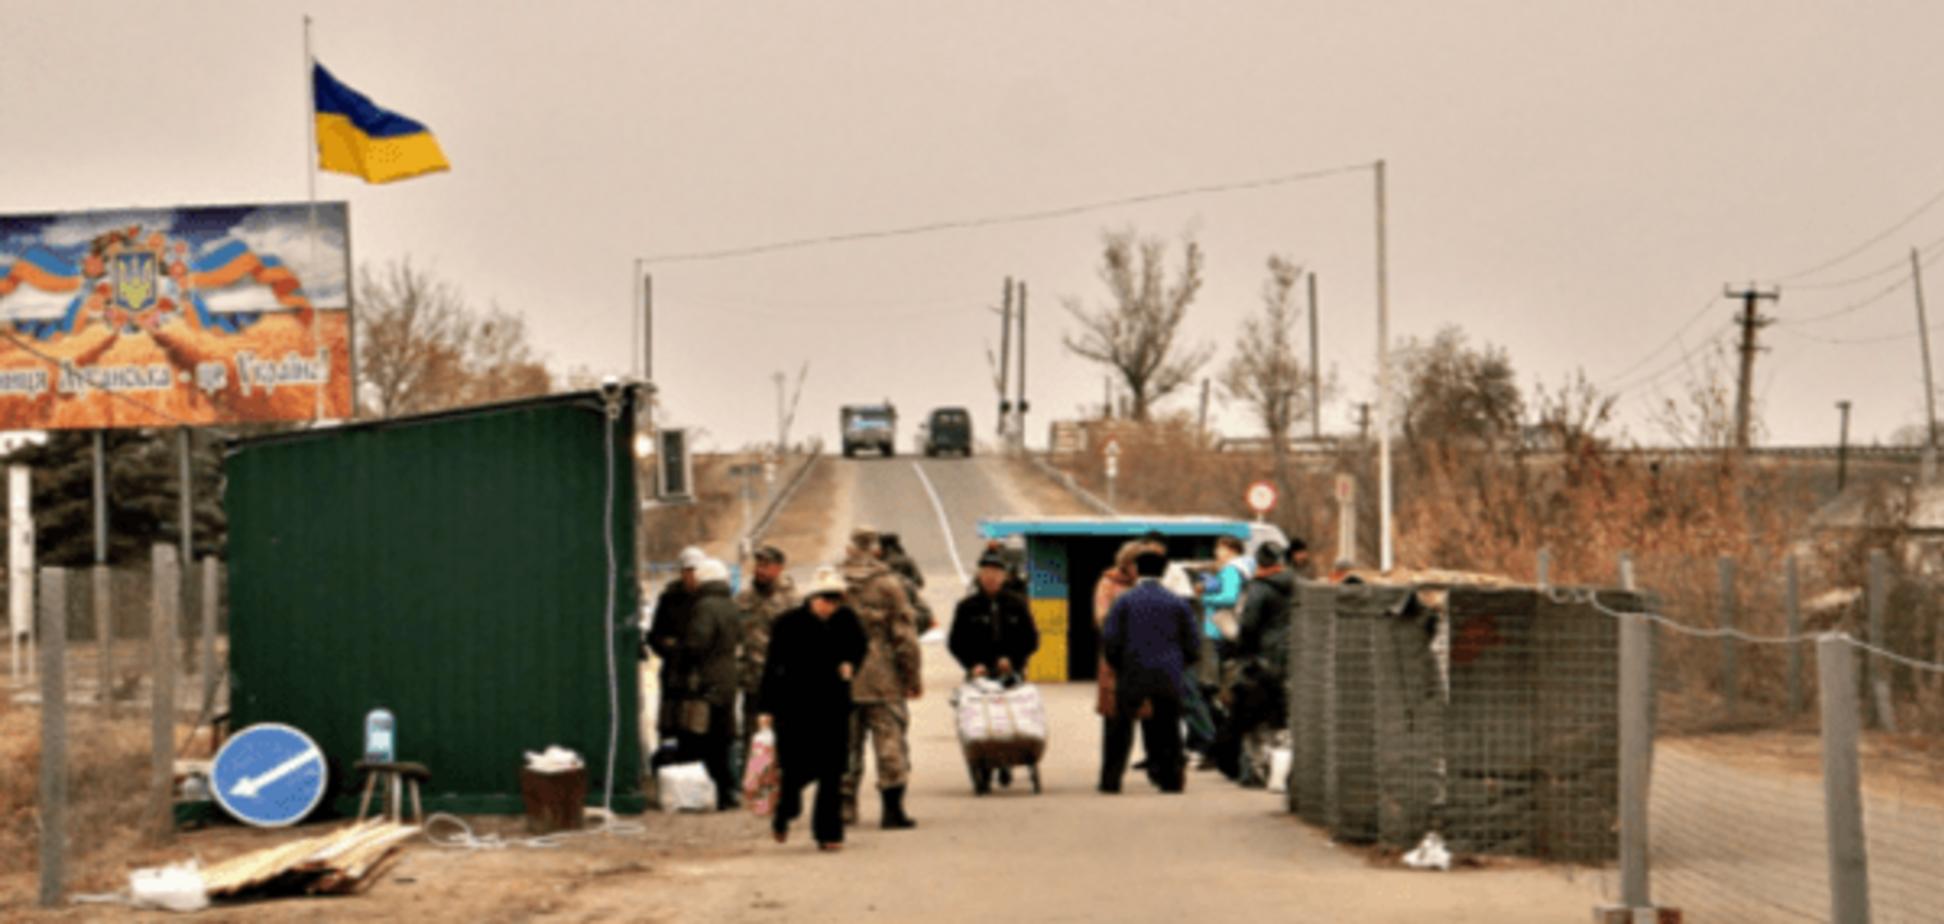 Обстріли не припиняються: в штабі АТО оголосили про закриття КПВВ 'Станиця Луганська'